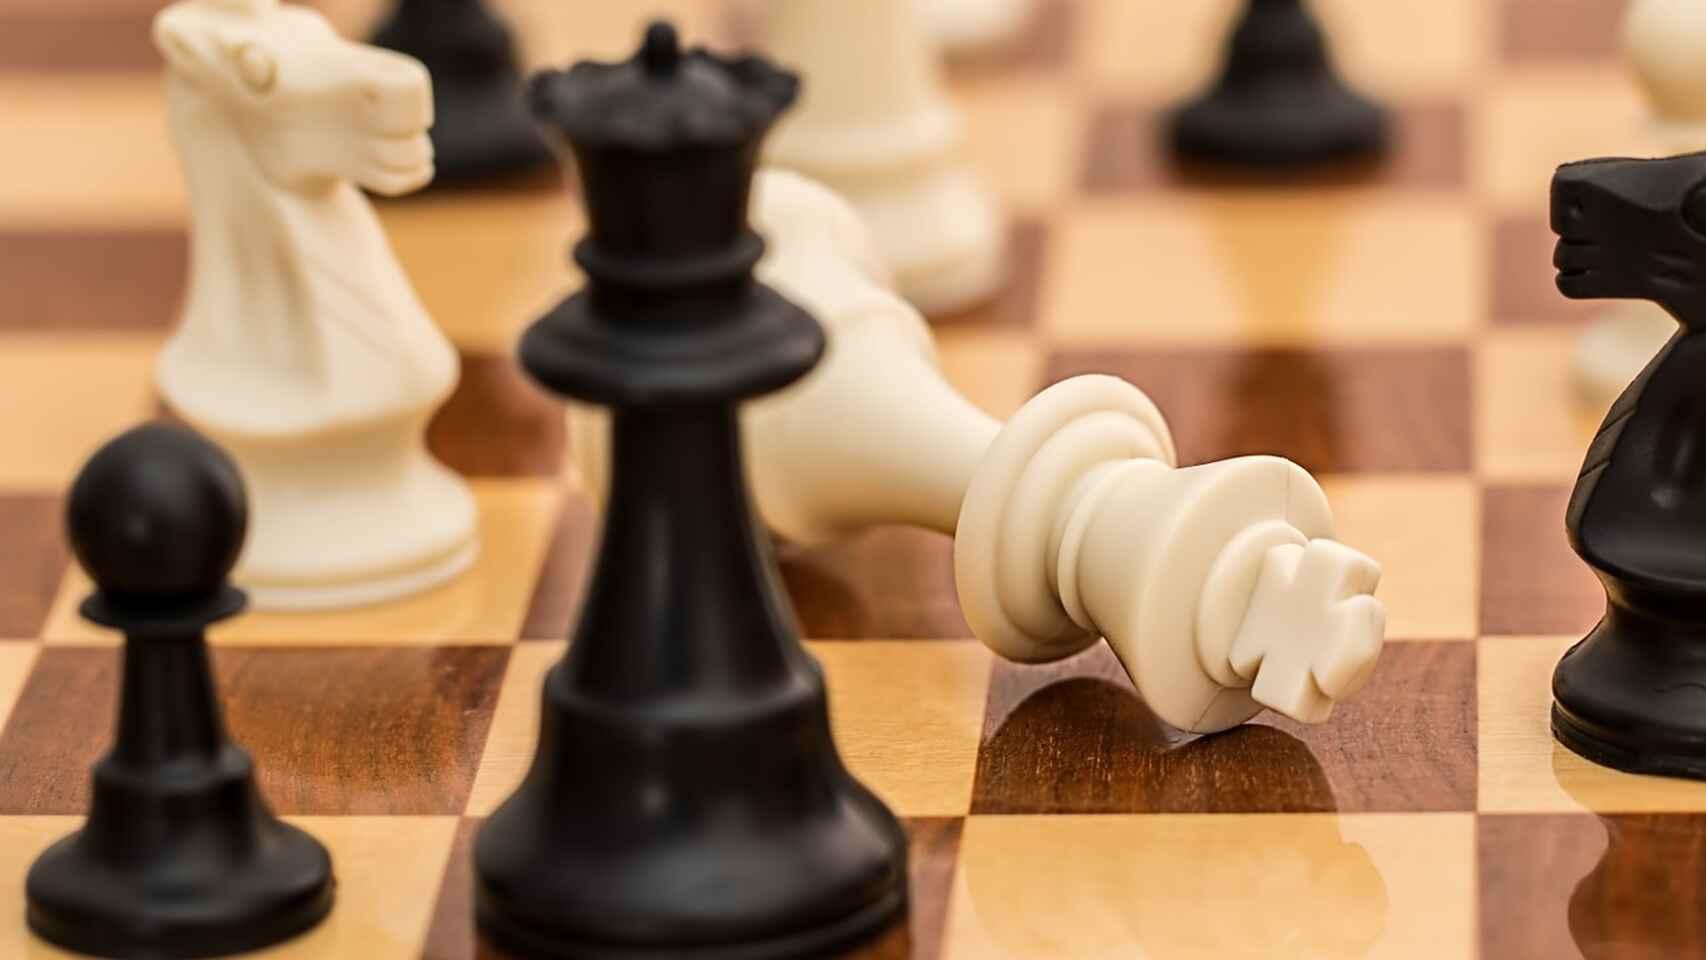 El ajedrez tranquiliza, mejora la salud mental y ayuda a la recuperación tras la pandemia